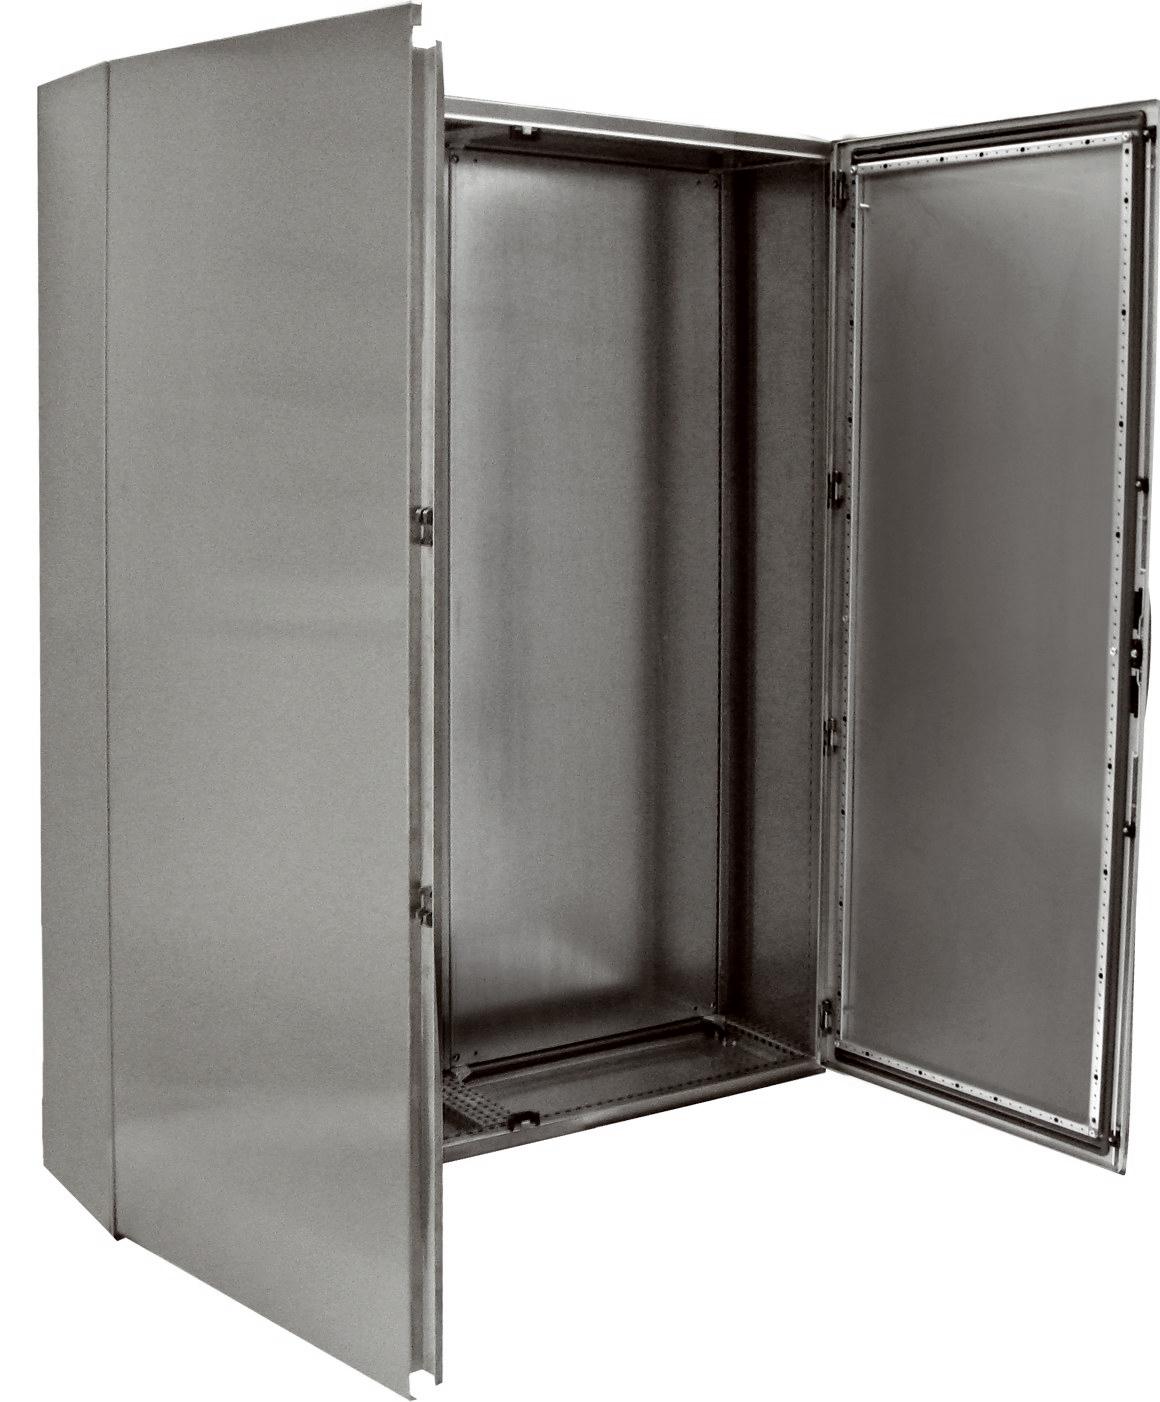 1 Stk Kompaktschrank Edelstahl 2-türig, 1800x1200x400mm, AISI 304L KSR181242-